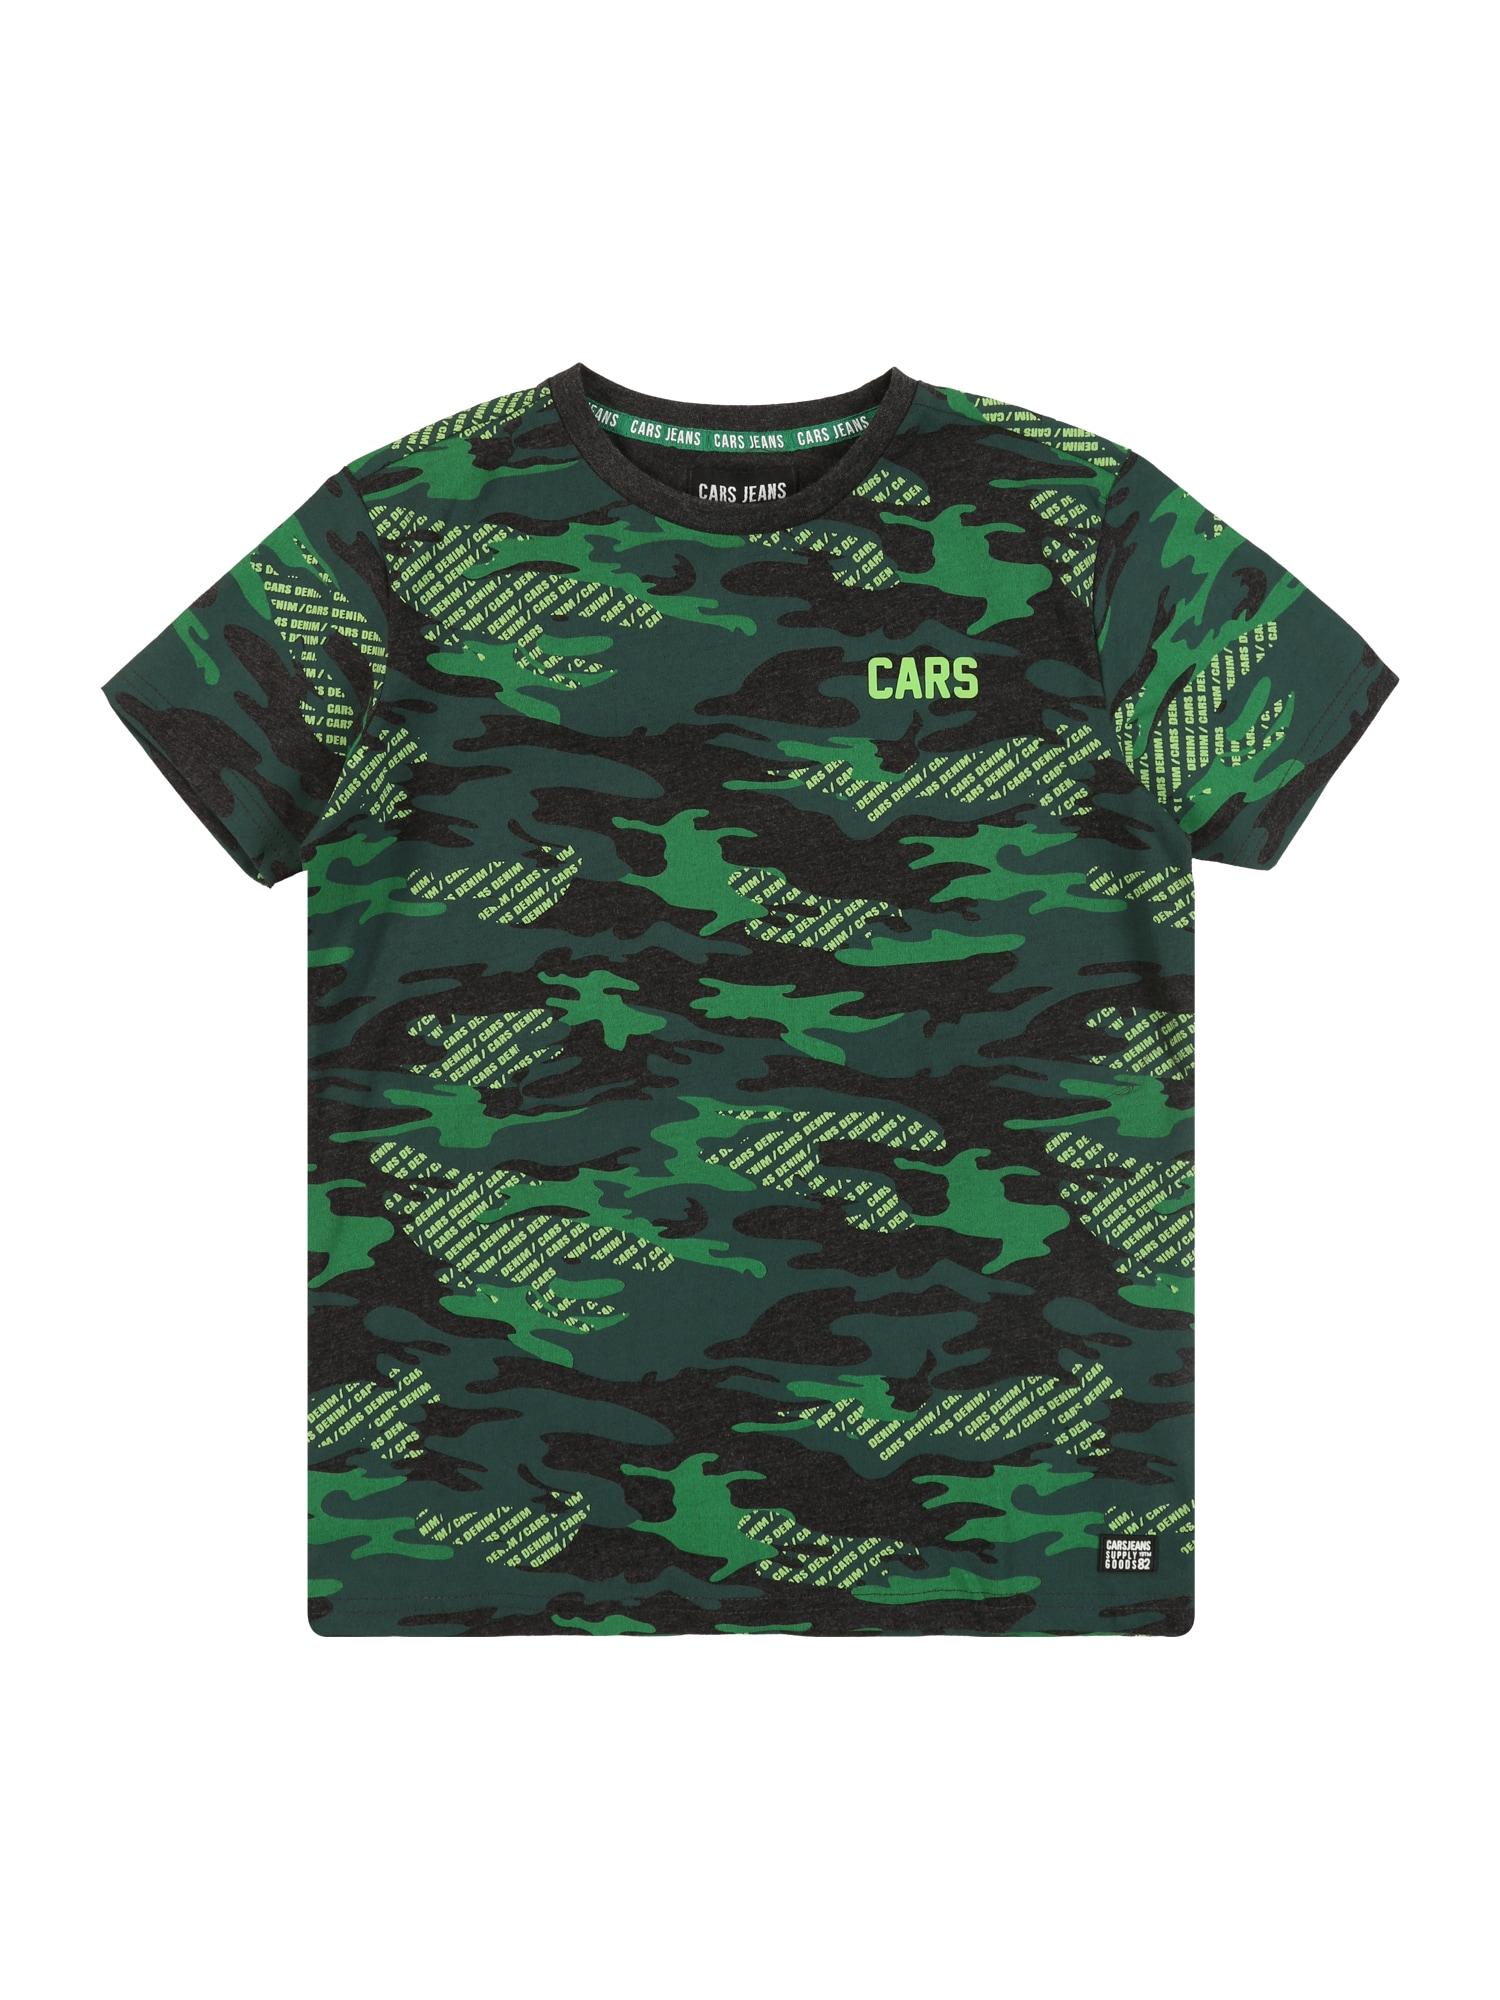 Cars Jeans Marškinėliai juoda / žalia